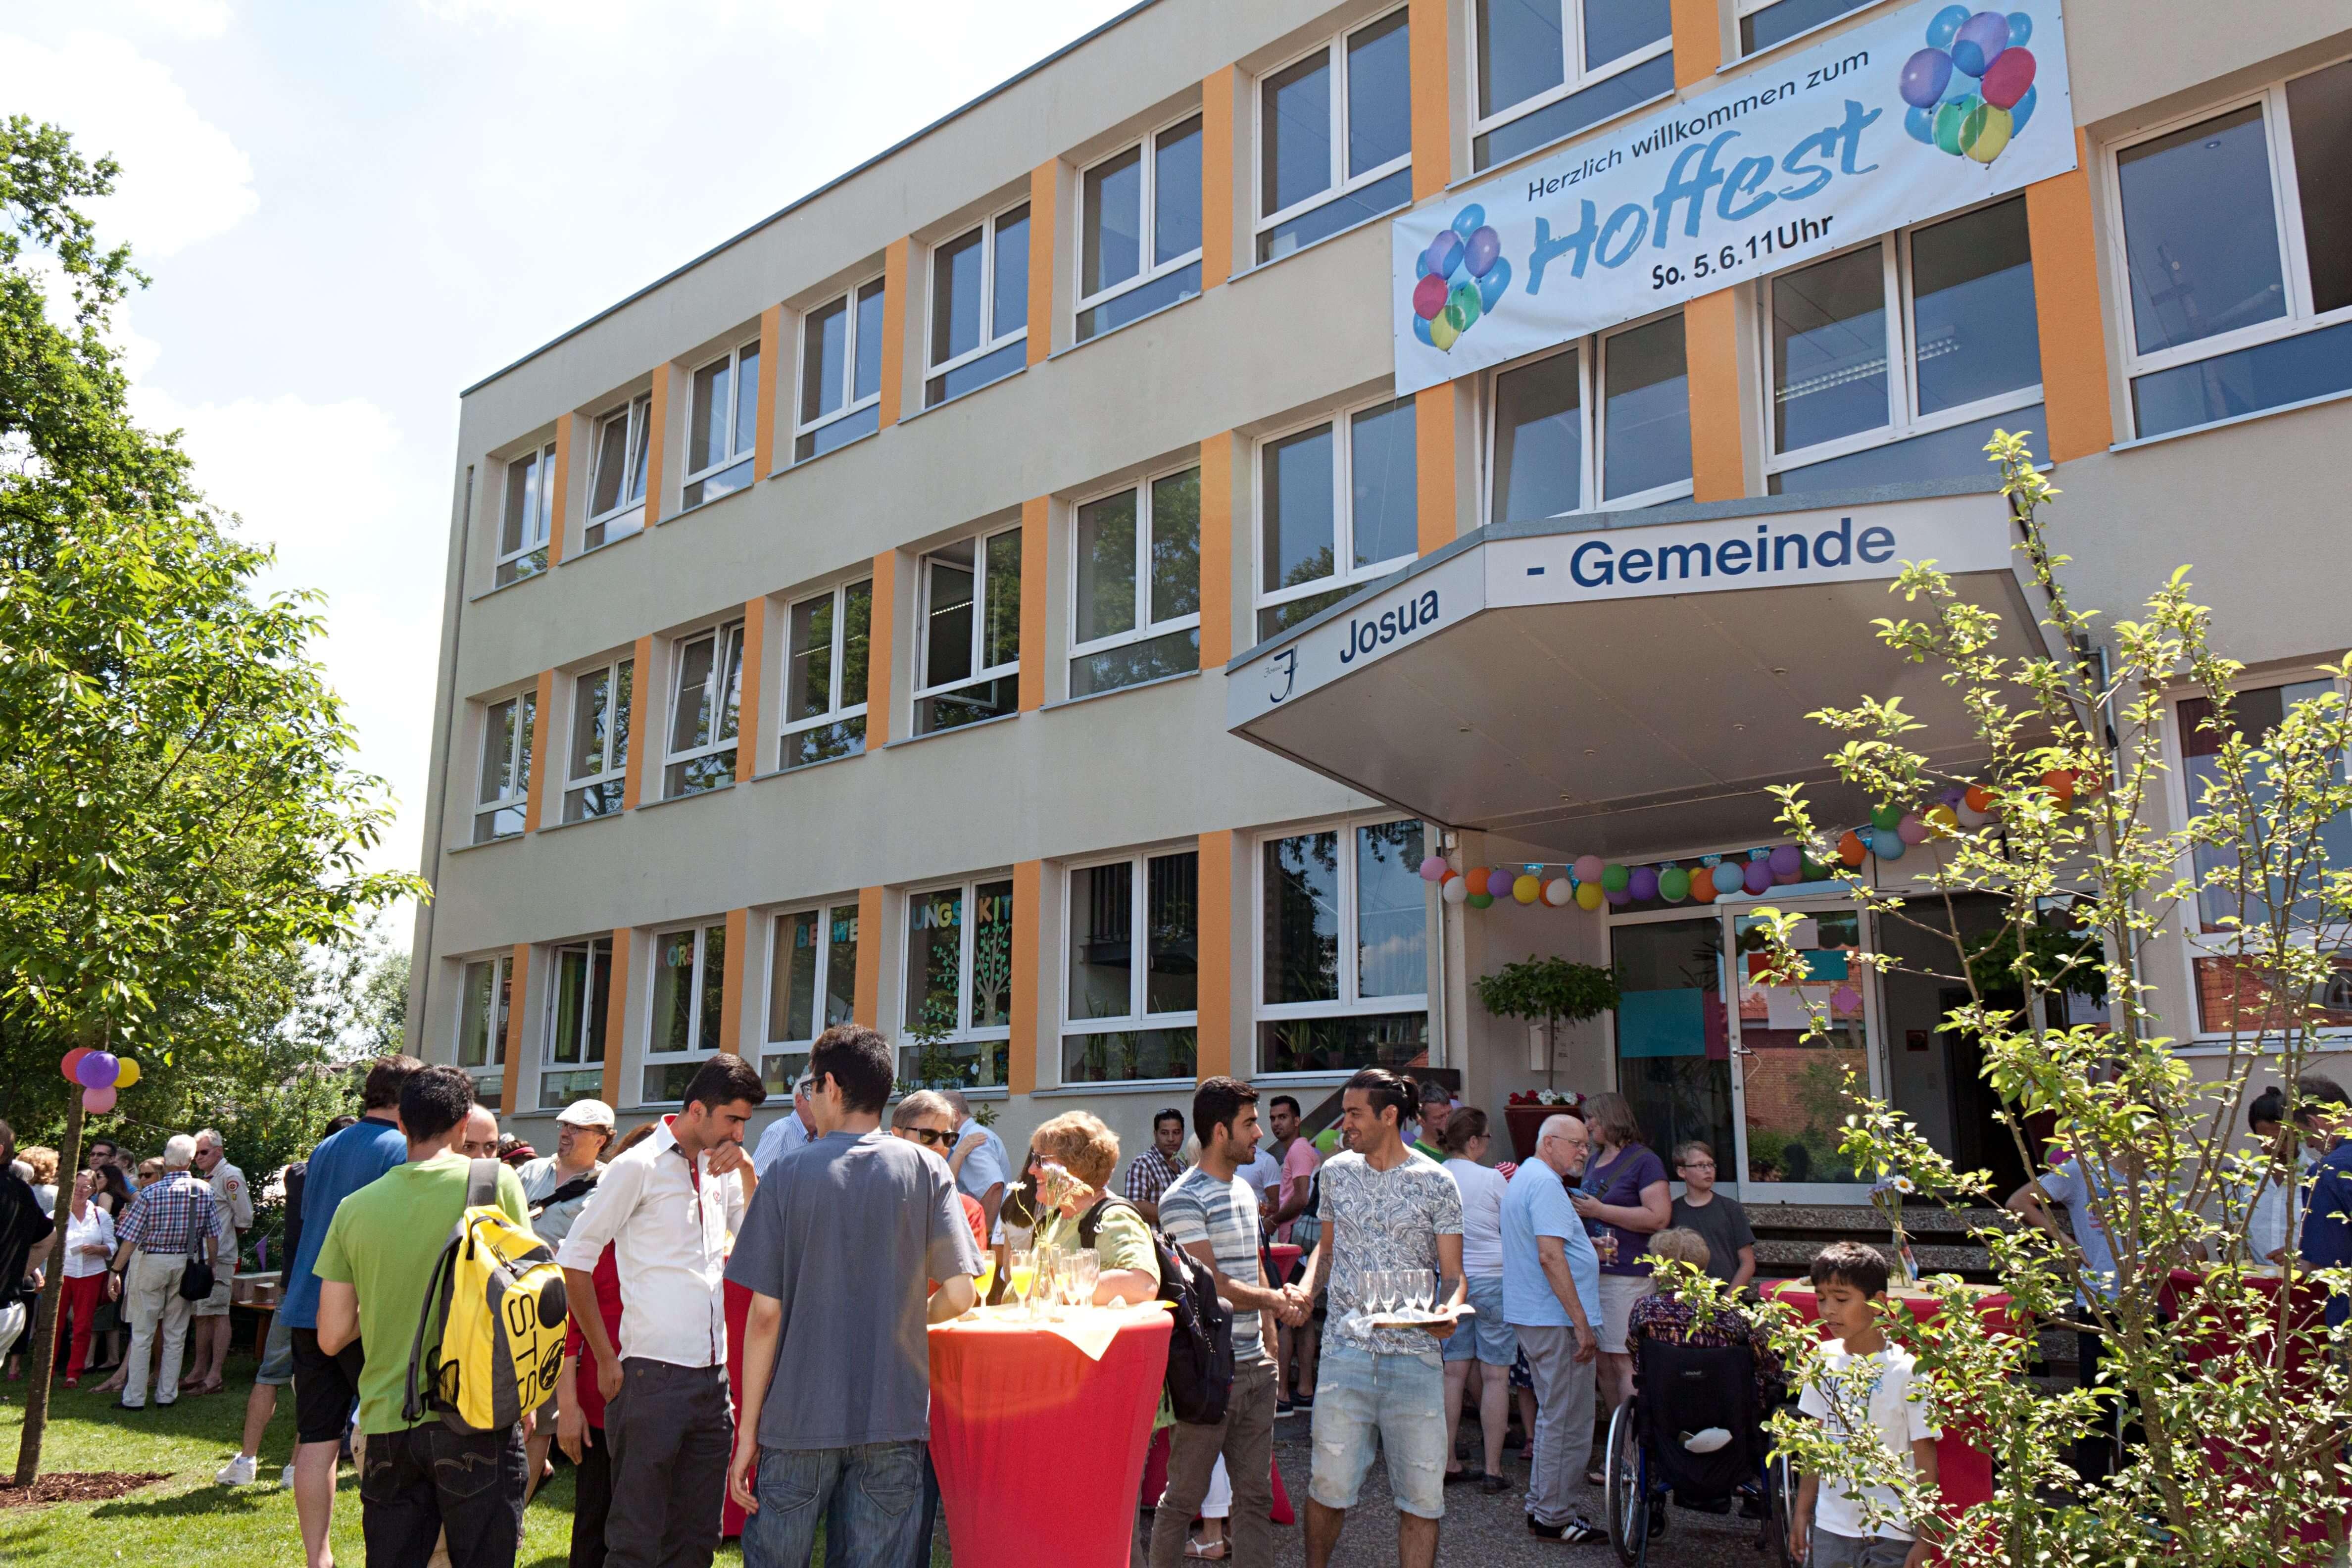 IMG_0560_HoffestSchenefeld2016